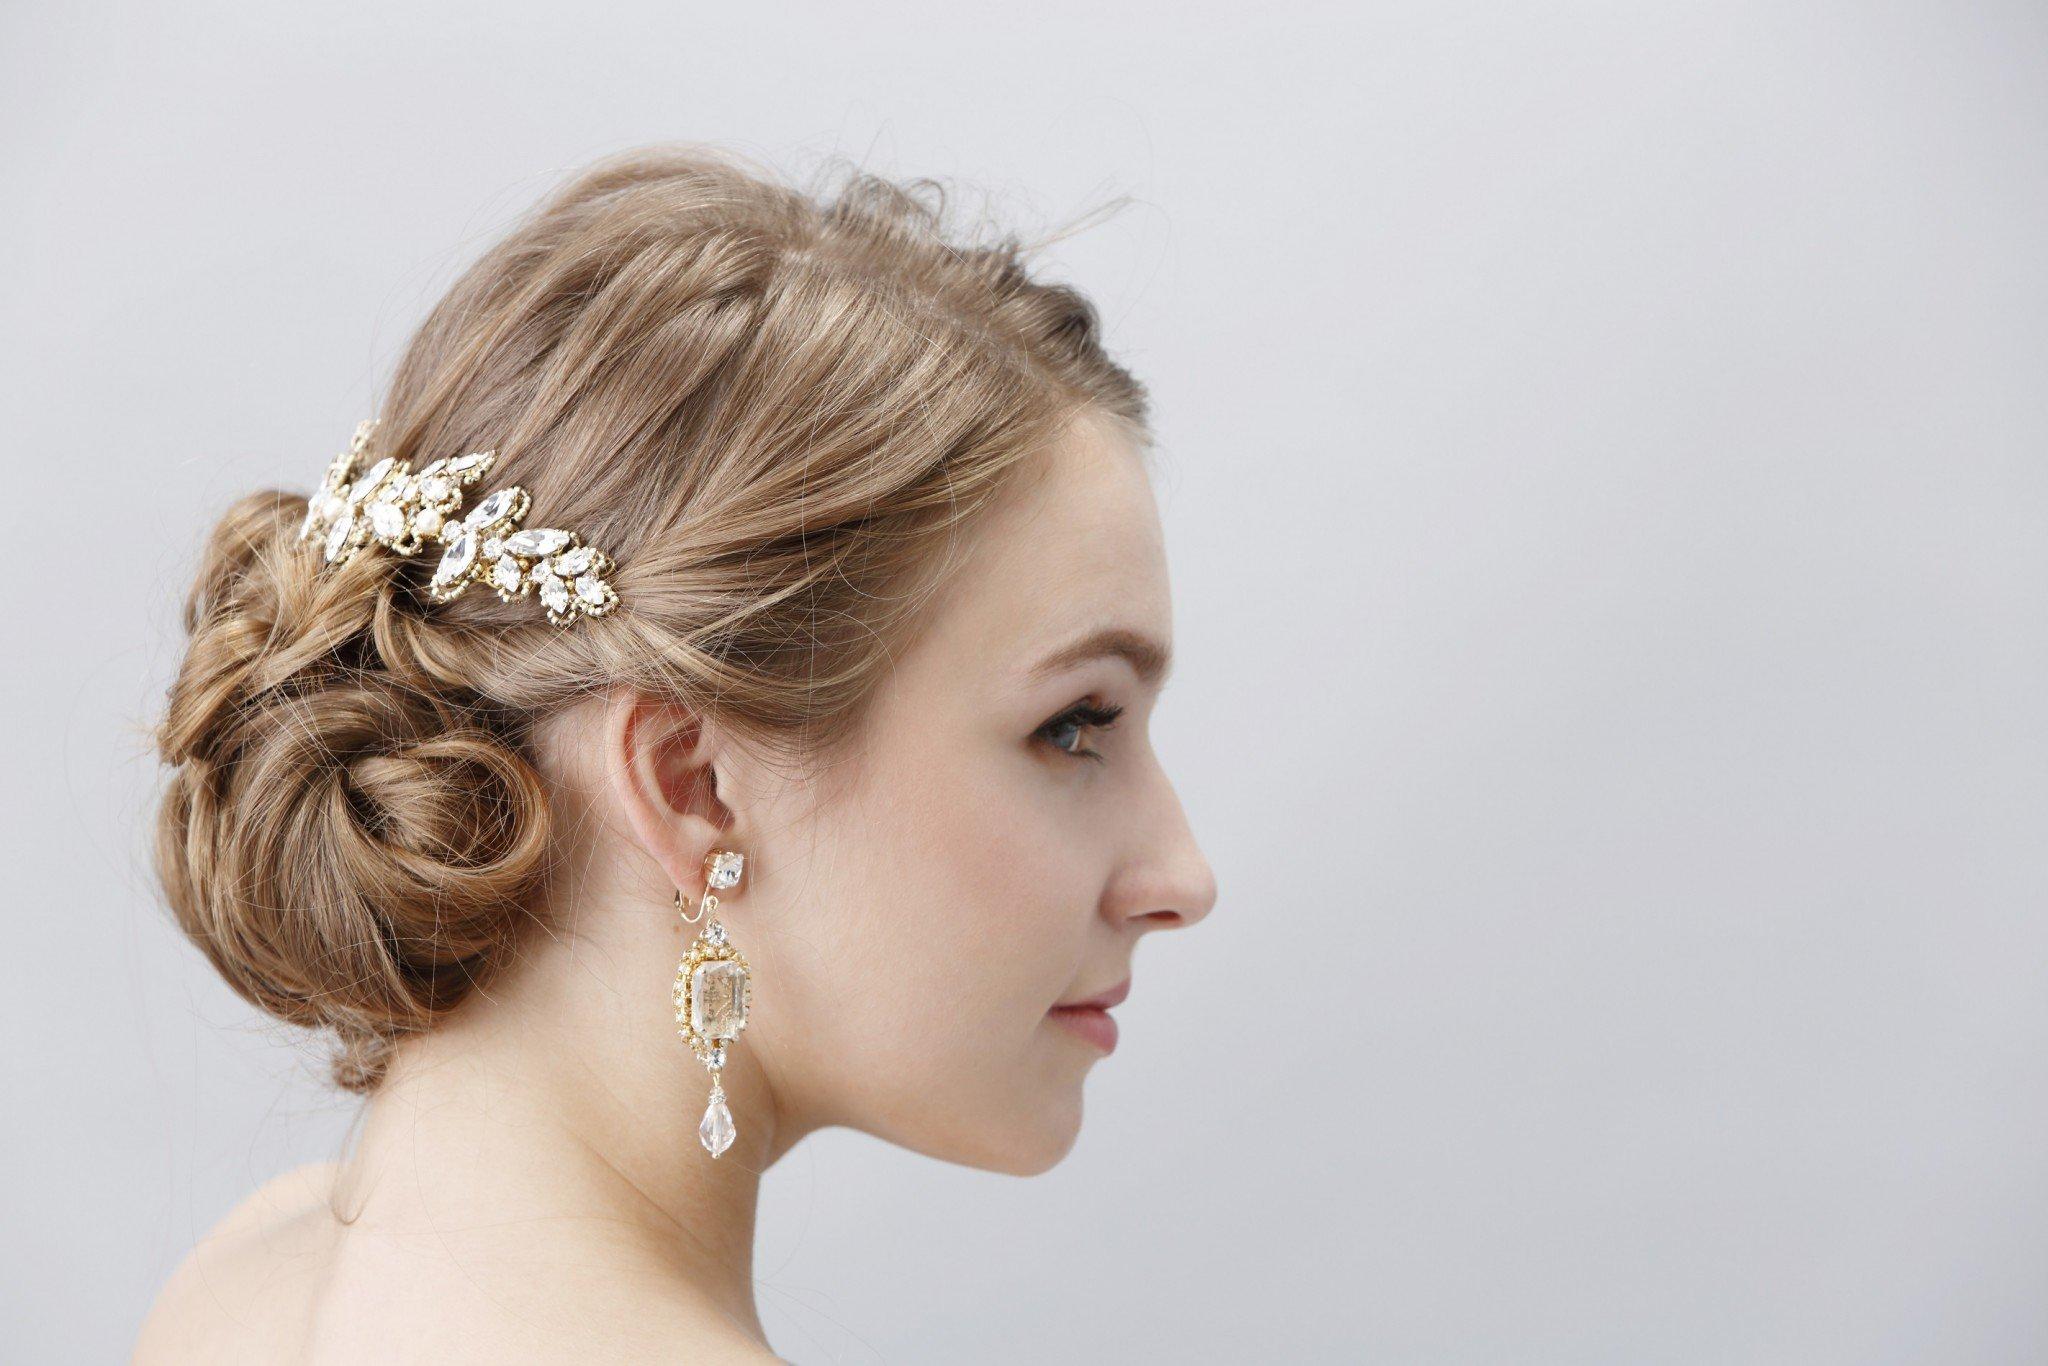 ショートヘア,アレンジ,結婚式,에 대한 이미지 검색결과